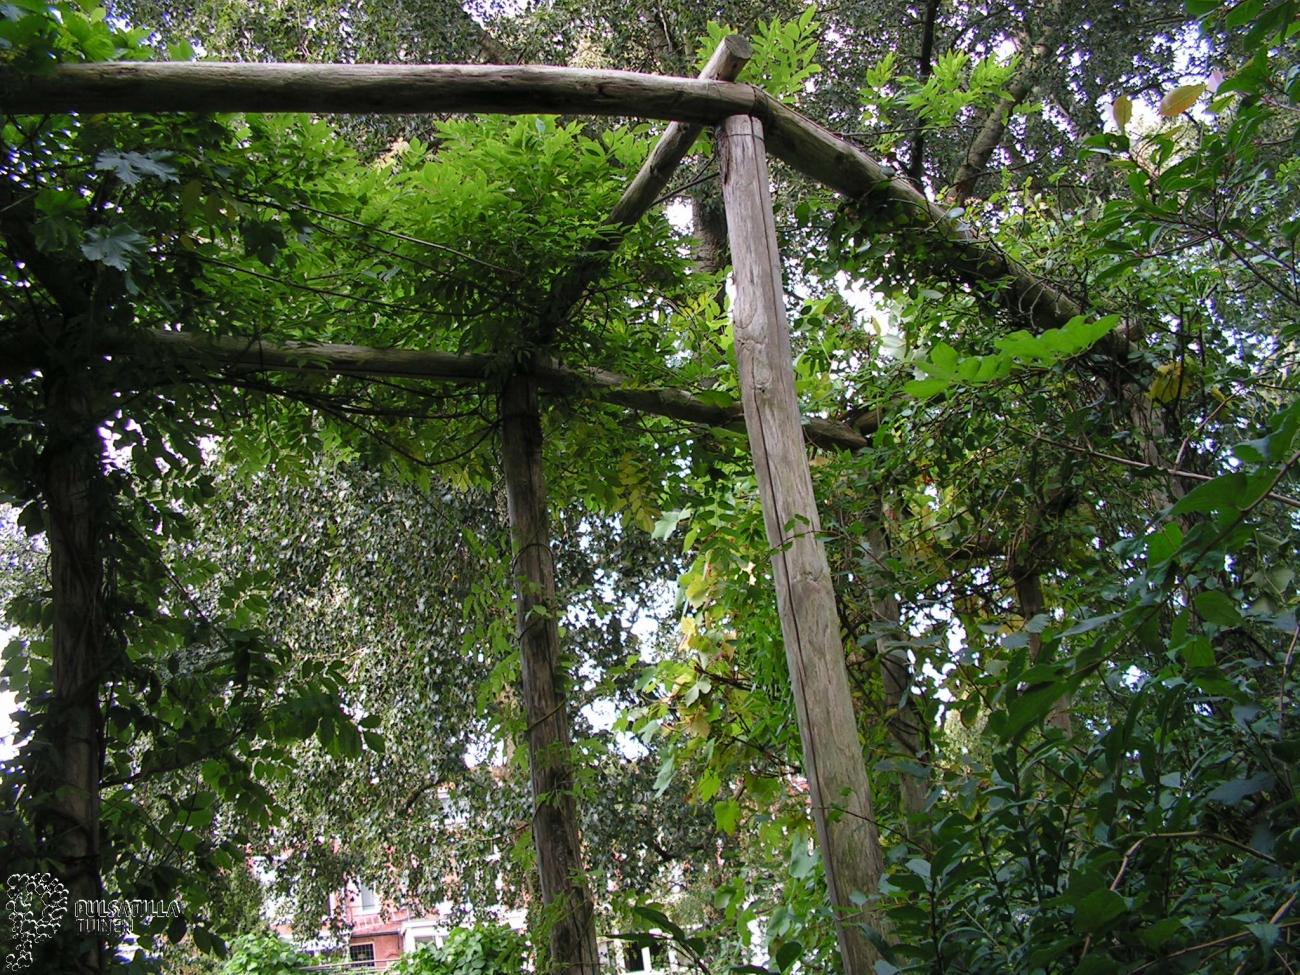 Lange tuin pulsatilla tuinen - Weergaven tuin lange ...